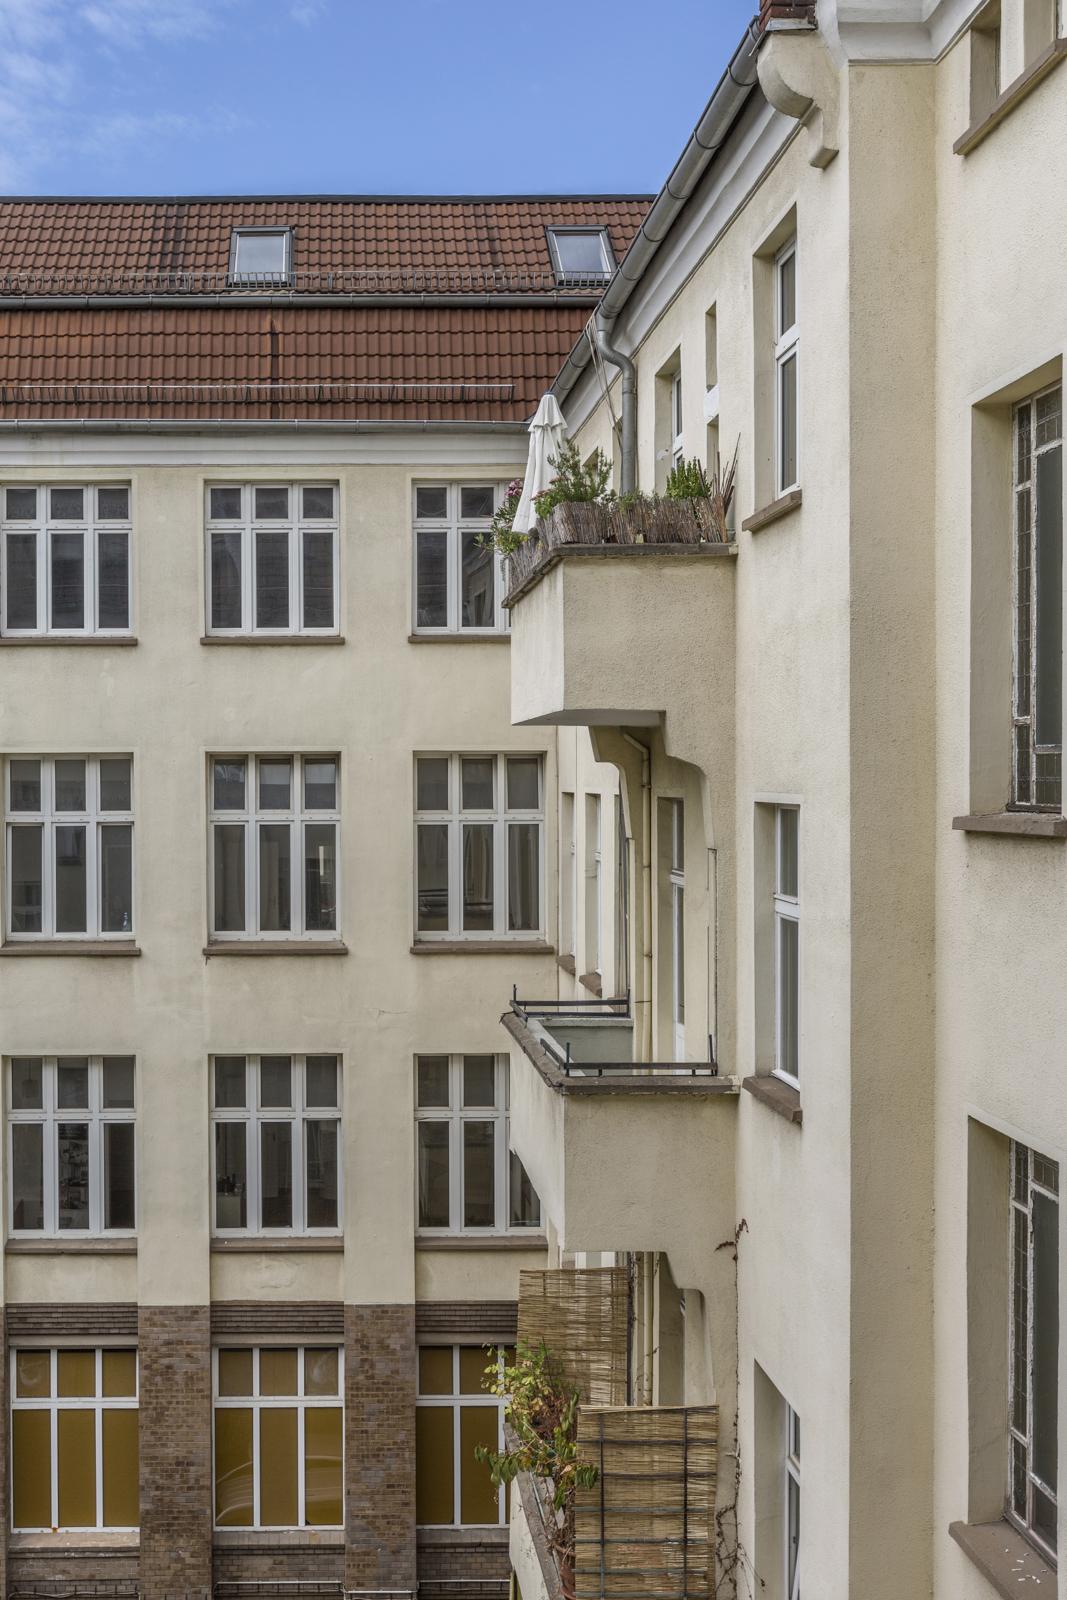 Ingo_Lawaczeck_Mähre_Schönhauser-8